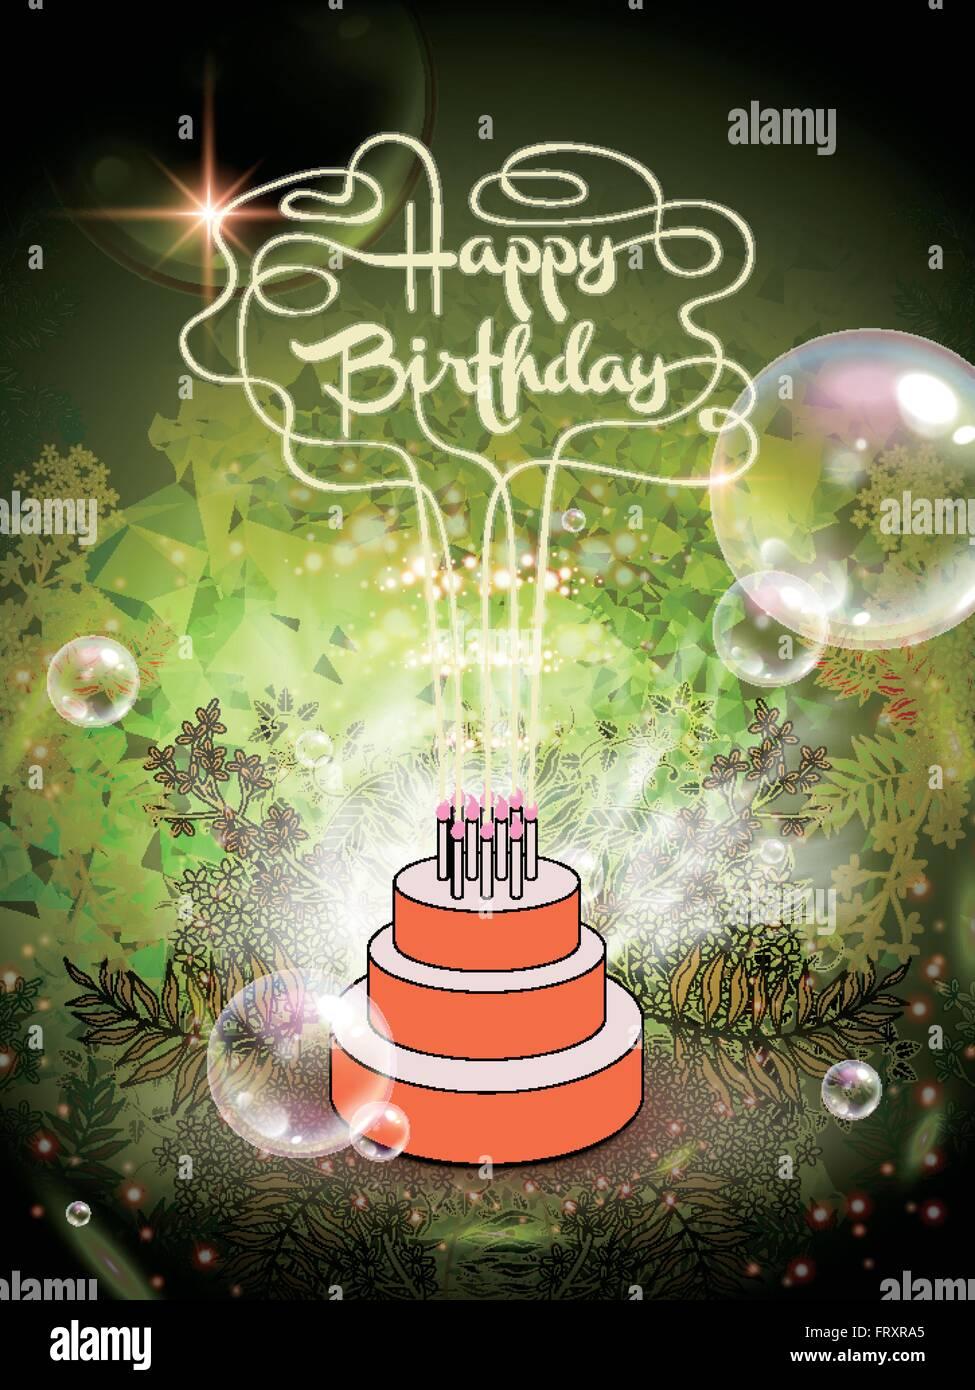 Geheimnisvolle Happy Birthday Kalligraphie Design Mit Geburtstagstorte Stock Vektorgrafik Alamy